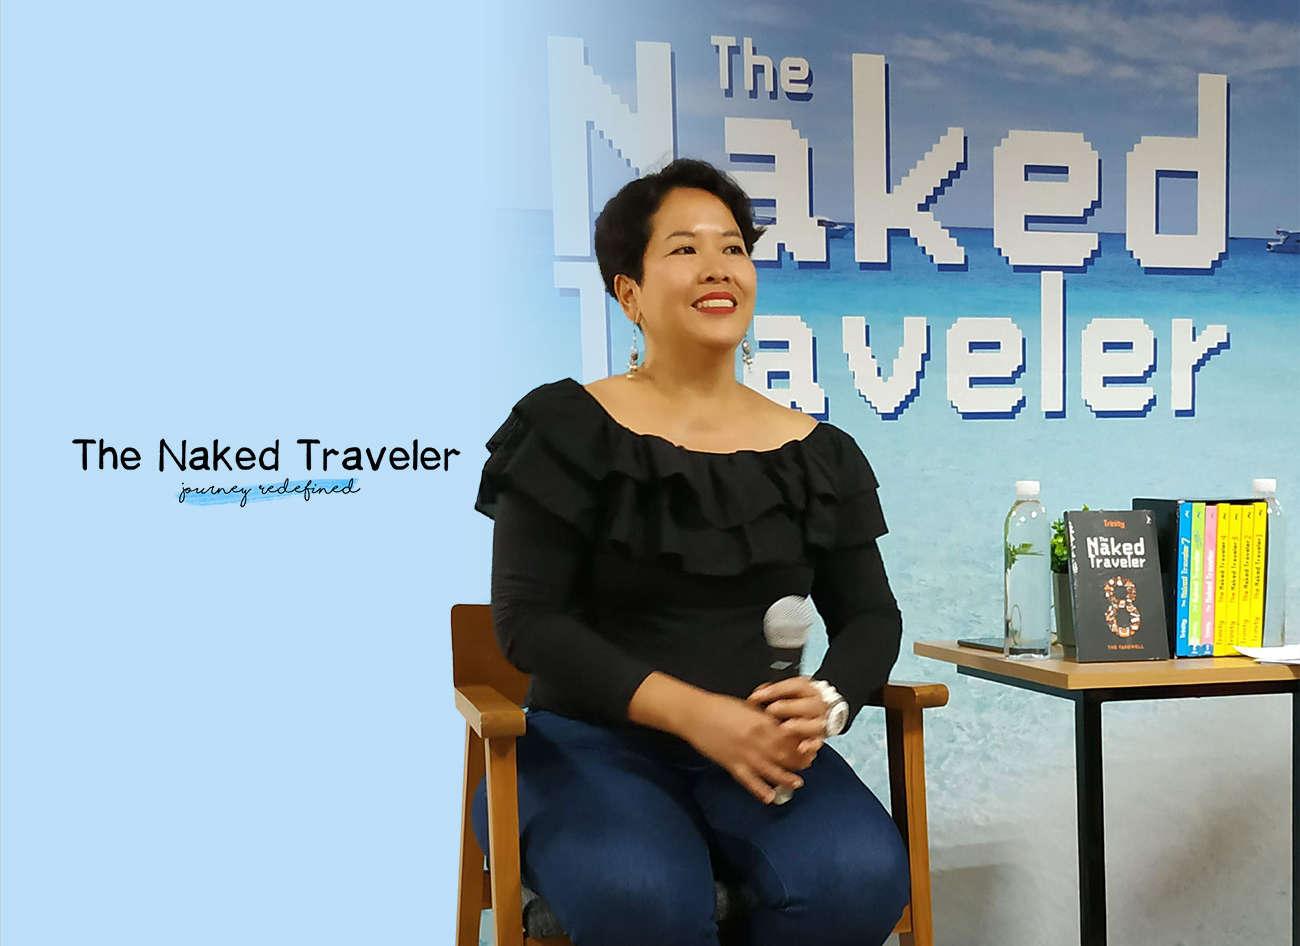 The Naked Traveler: Journey Redefined